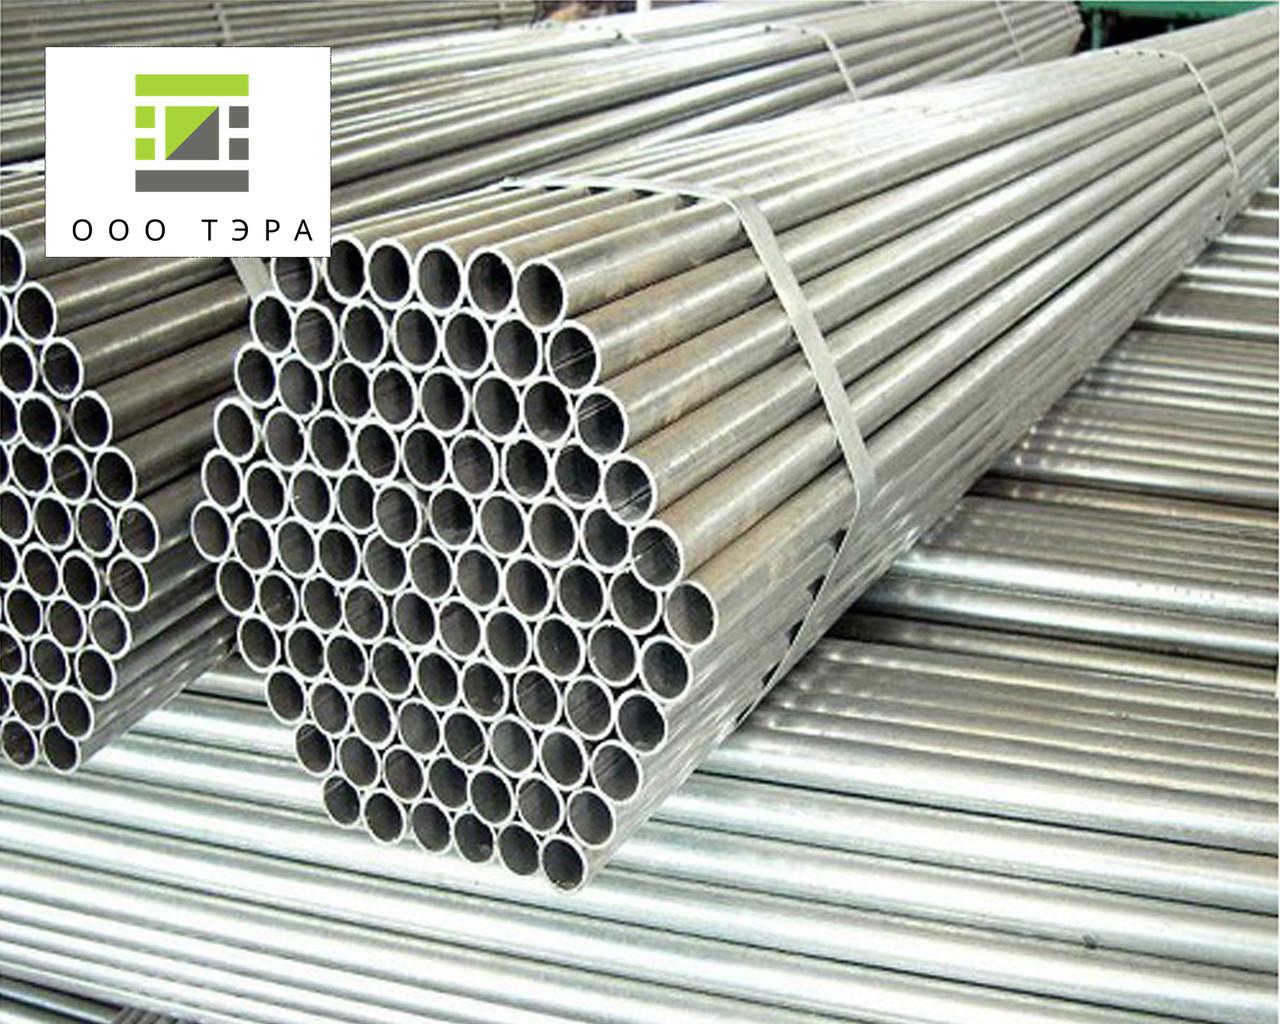 Труба сталева 219 х 4 мм ГОСТ 10705-80